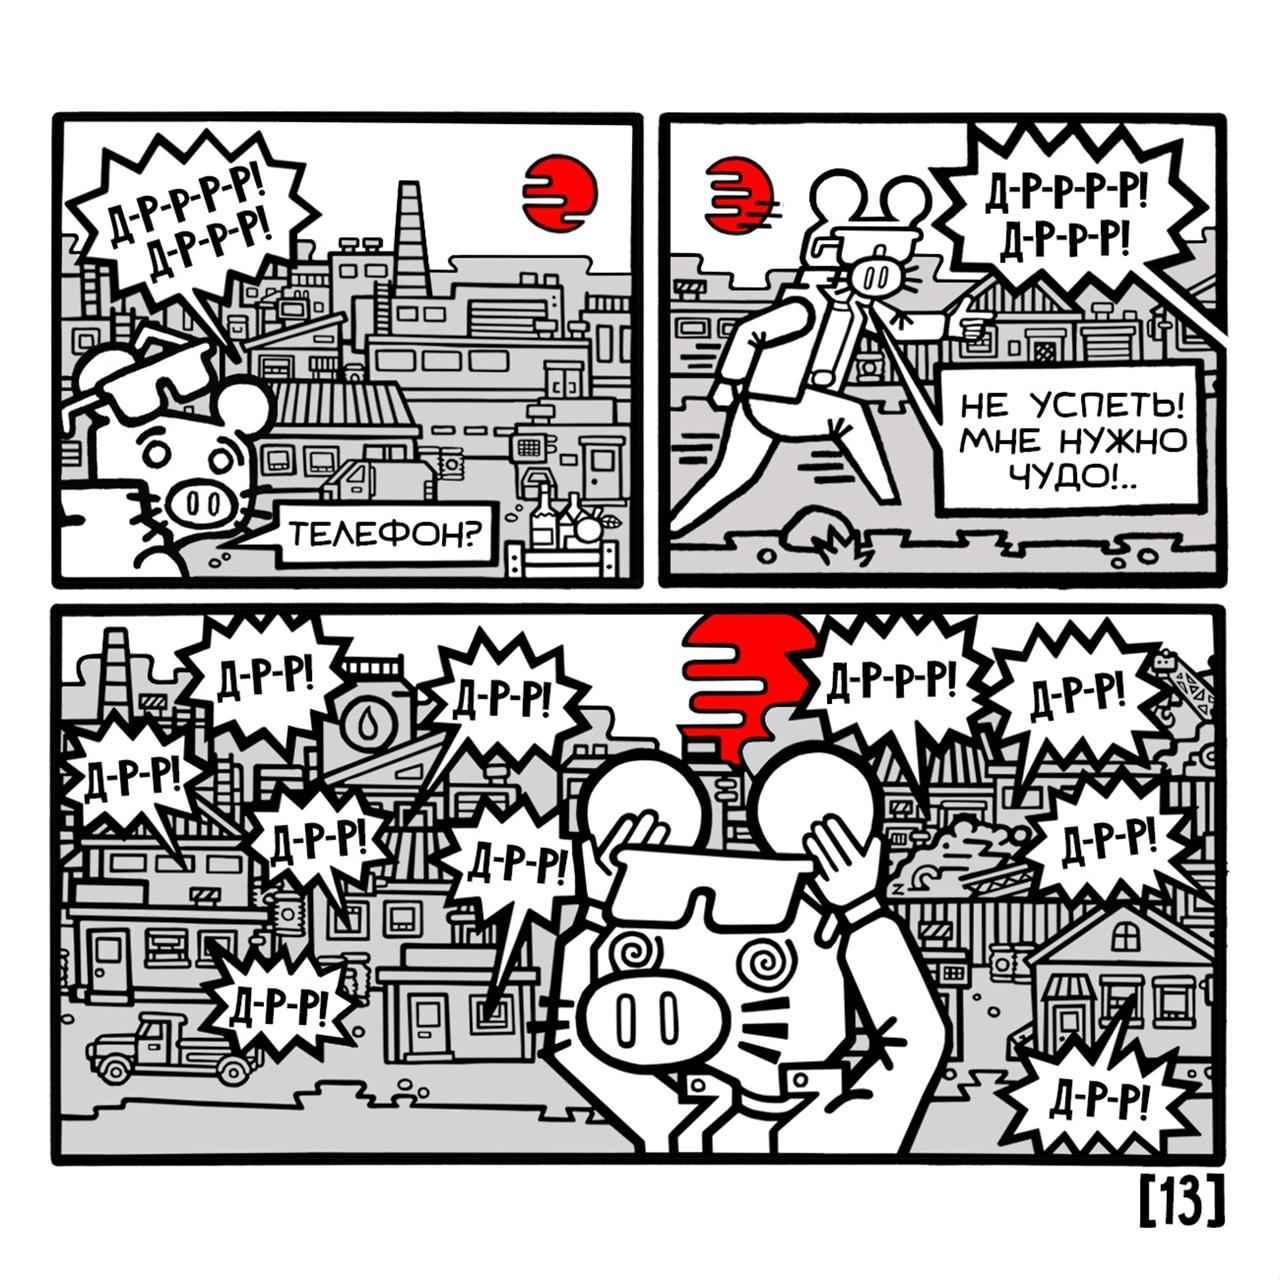 Автор комикса «Поросёнок-Мышь»: оконцепции, вдохновении и фантастики 14